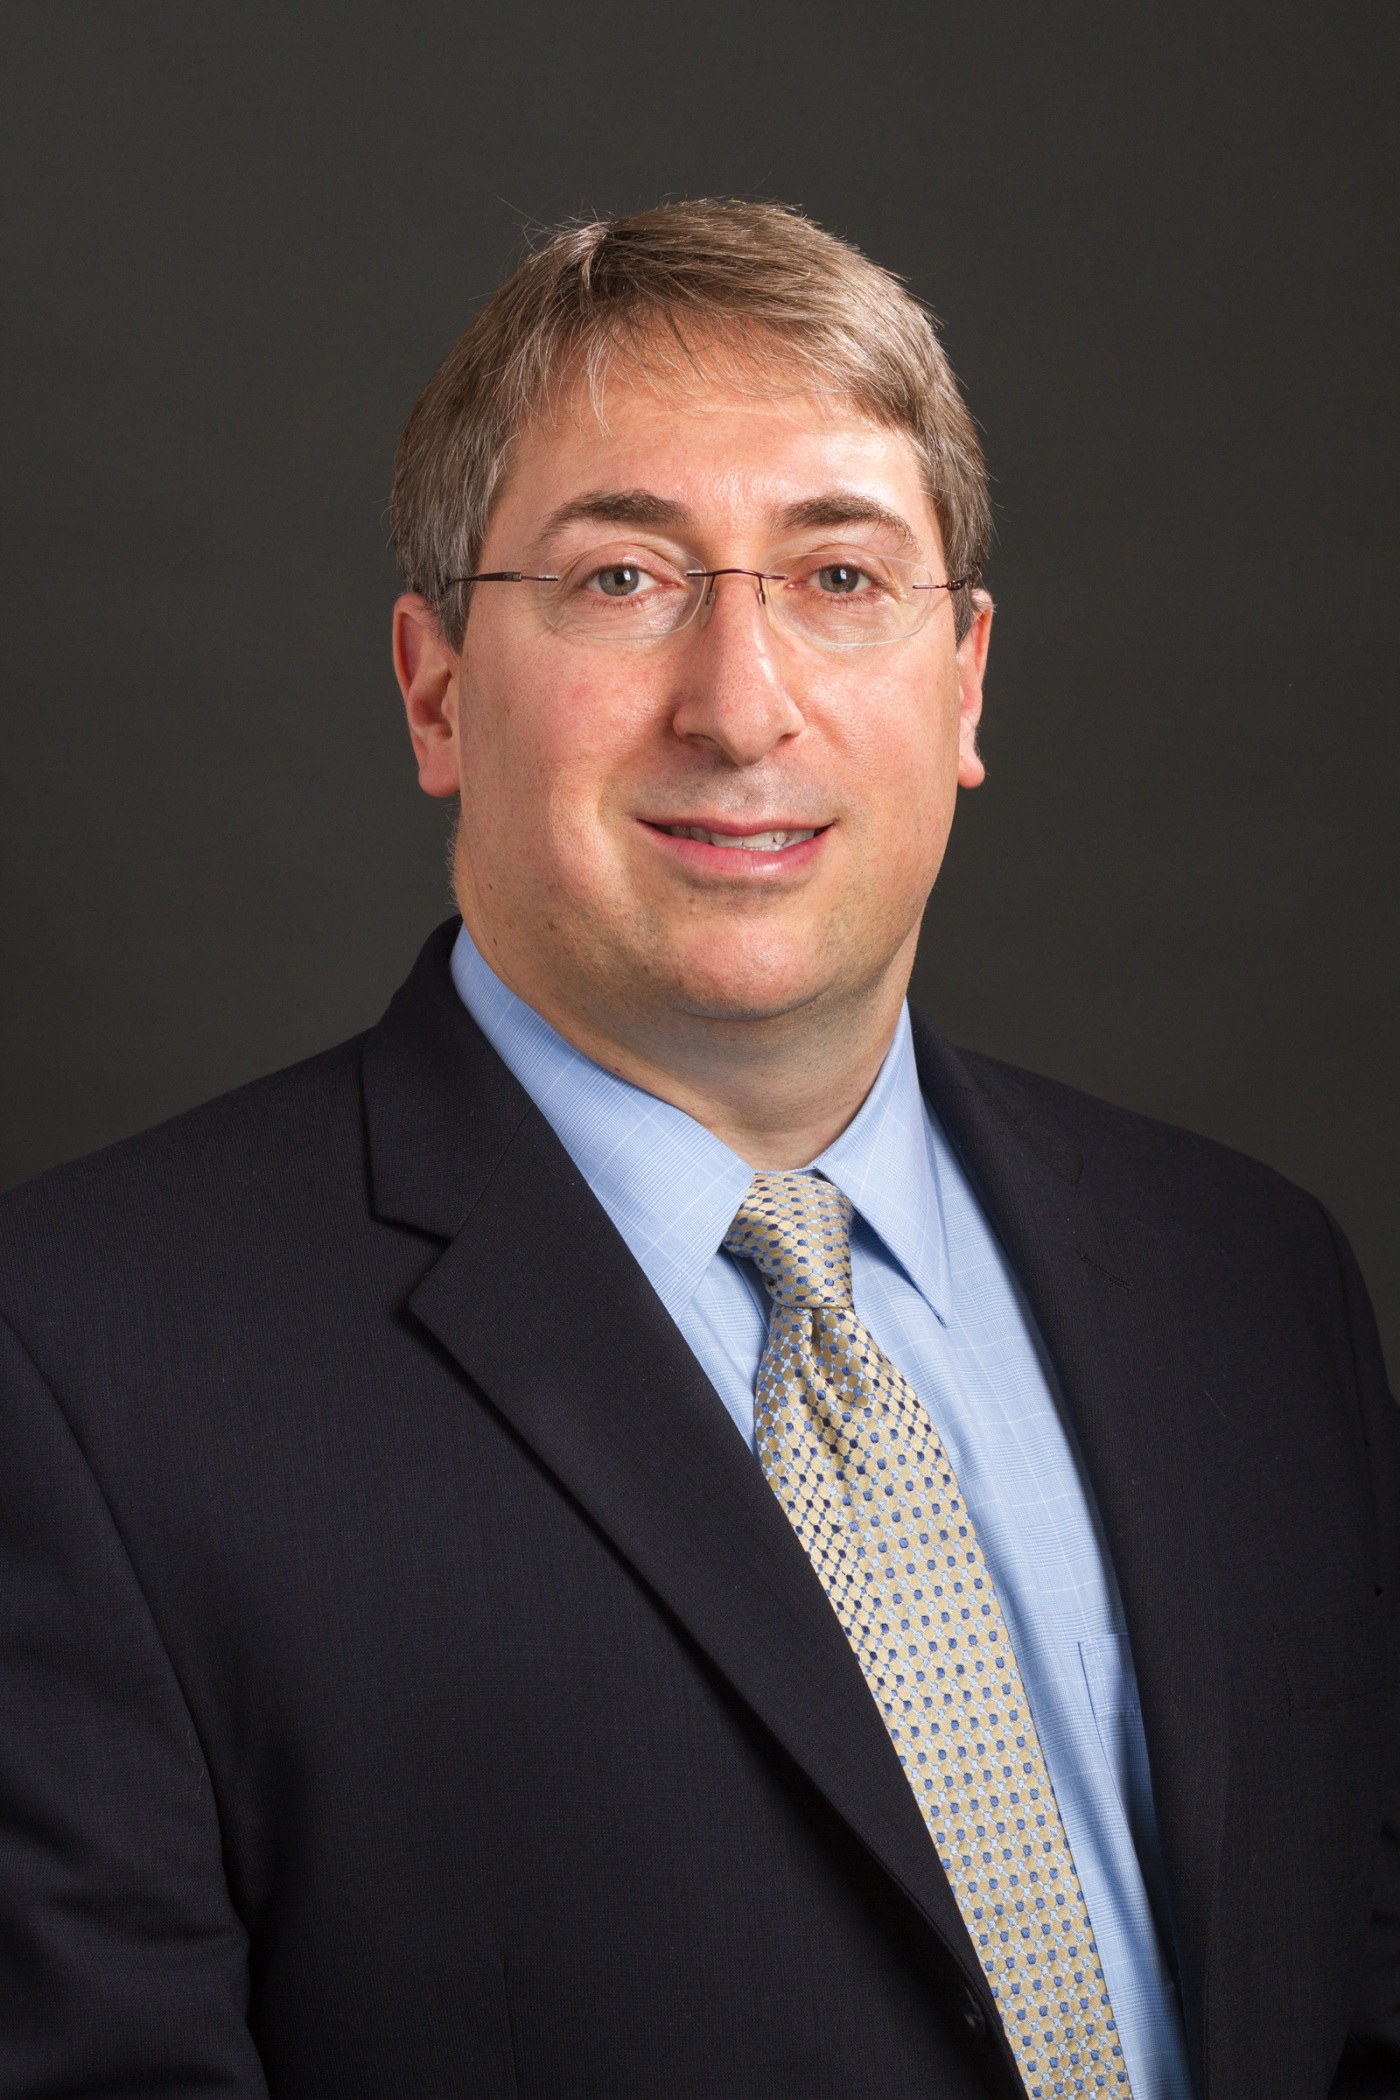 Adam Hittelman, MD, PhD